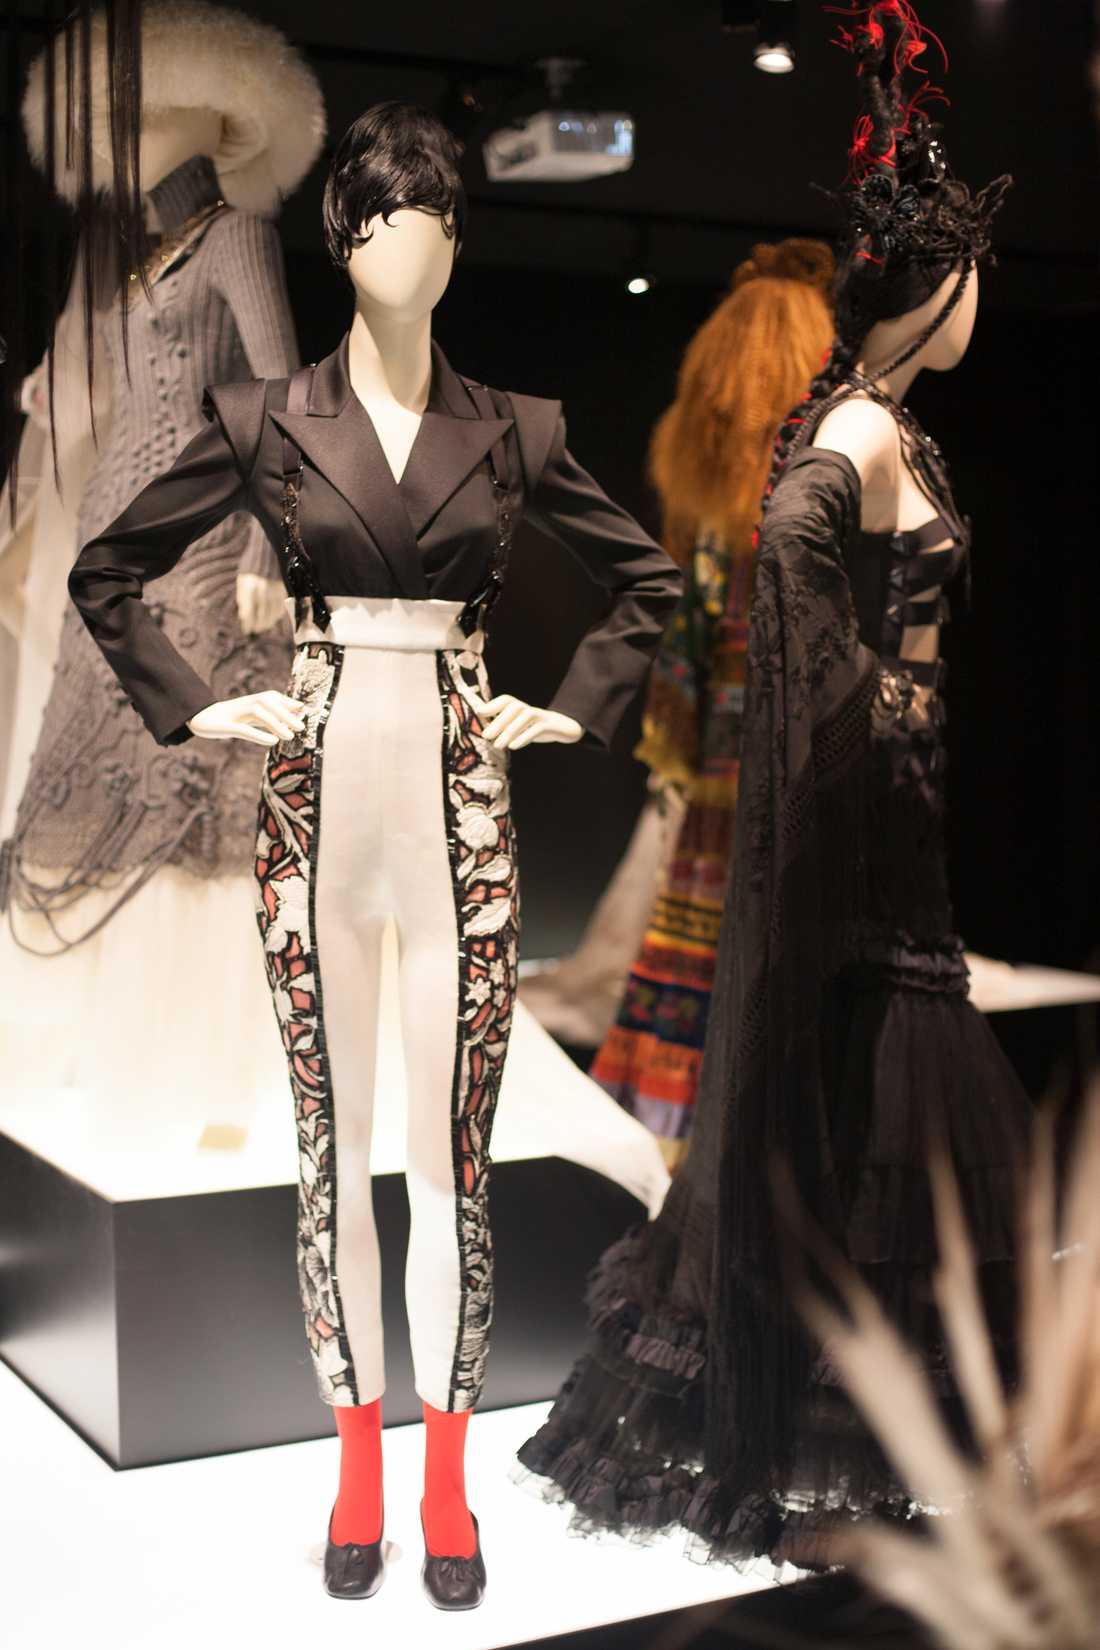 """Kreationerna som ställs ut Inviger sin egen utställning """"The Fashion world of Jean Paul Gaultier – From the sidewalk to the catwalk"""". Foto: Agneta Elmegård"""